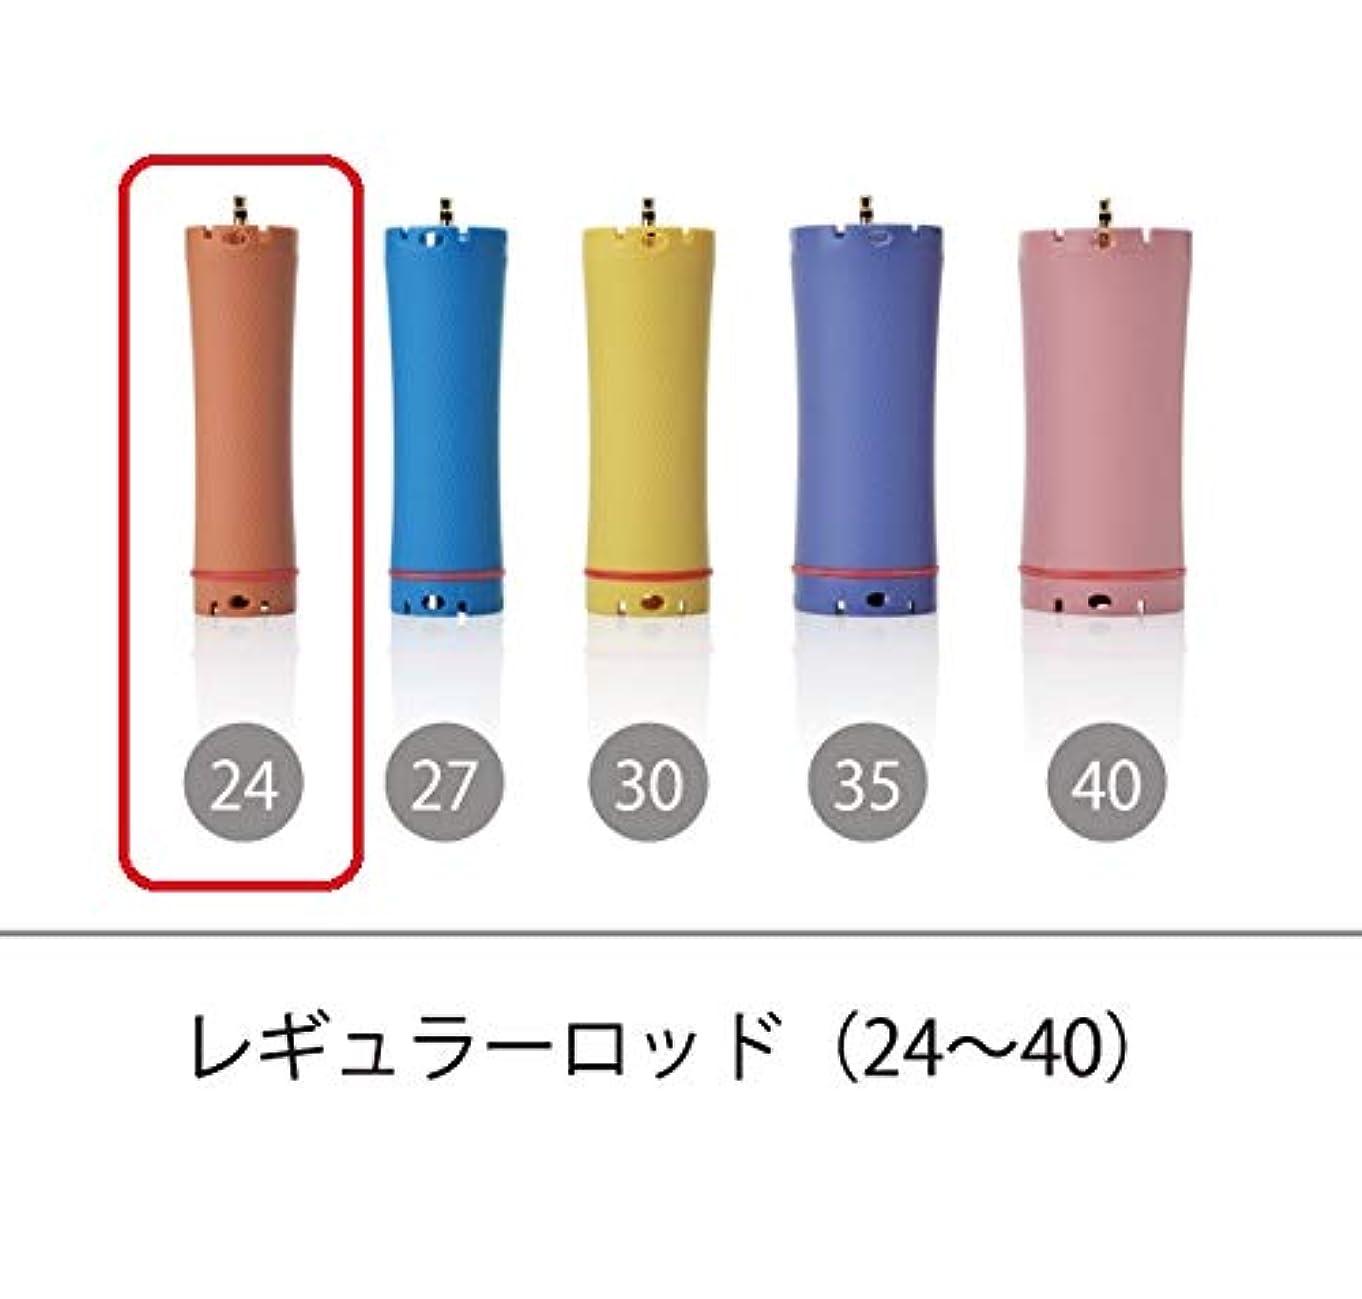 捨てる阻害するサドルソキウス 専用ロッド レギュラーロッド 24mm